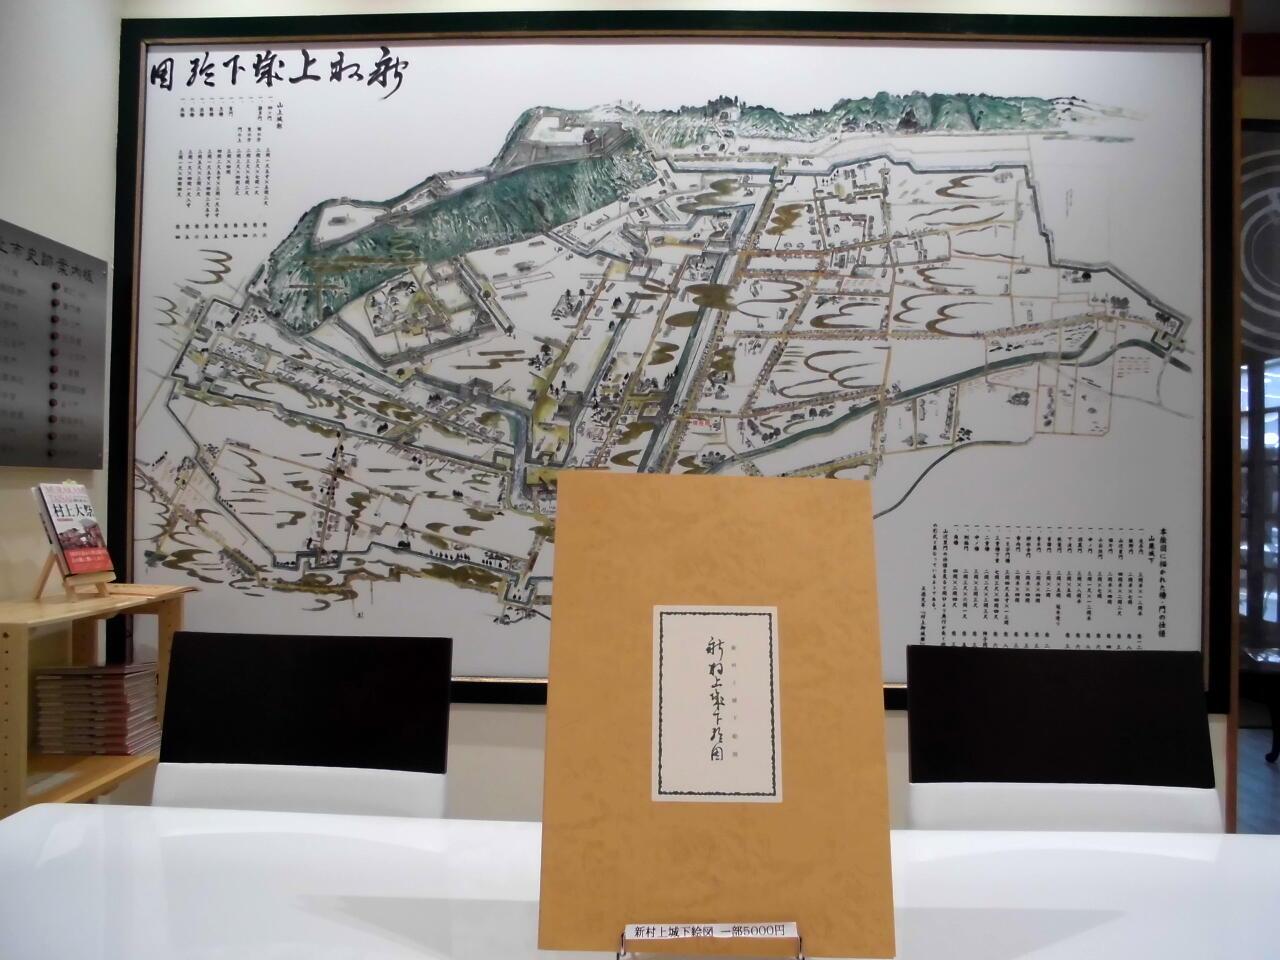 大町文庫では絵図のパネルが壁に展示されている。